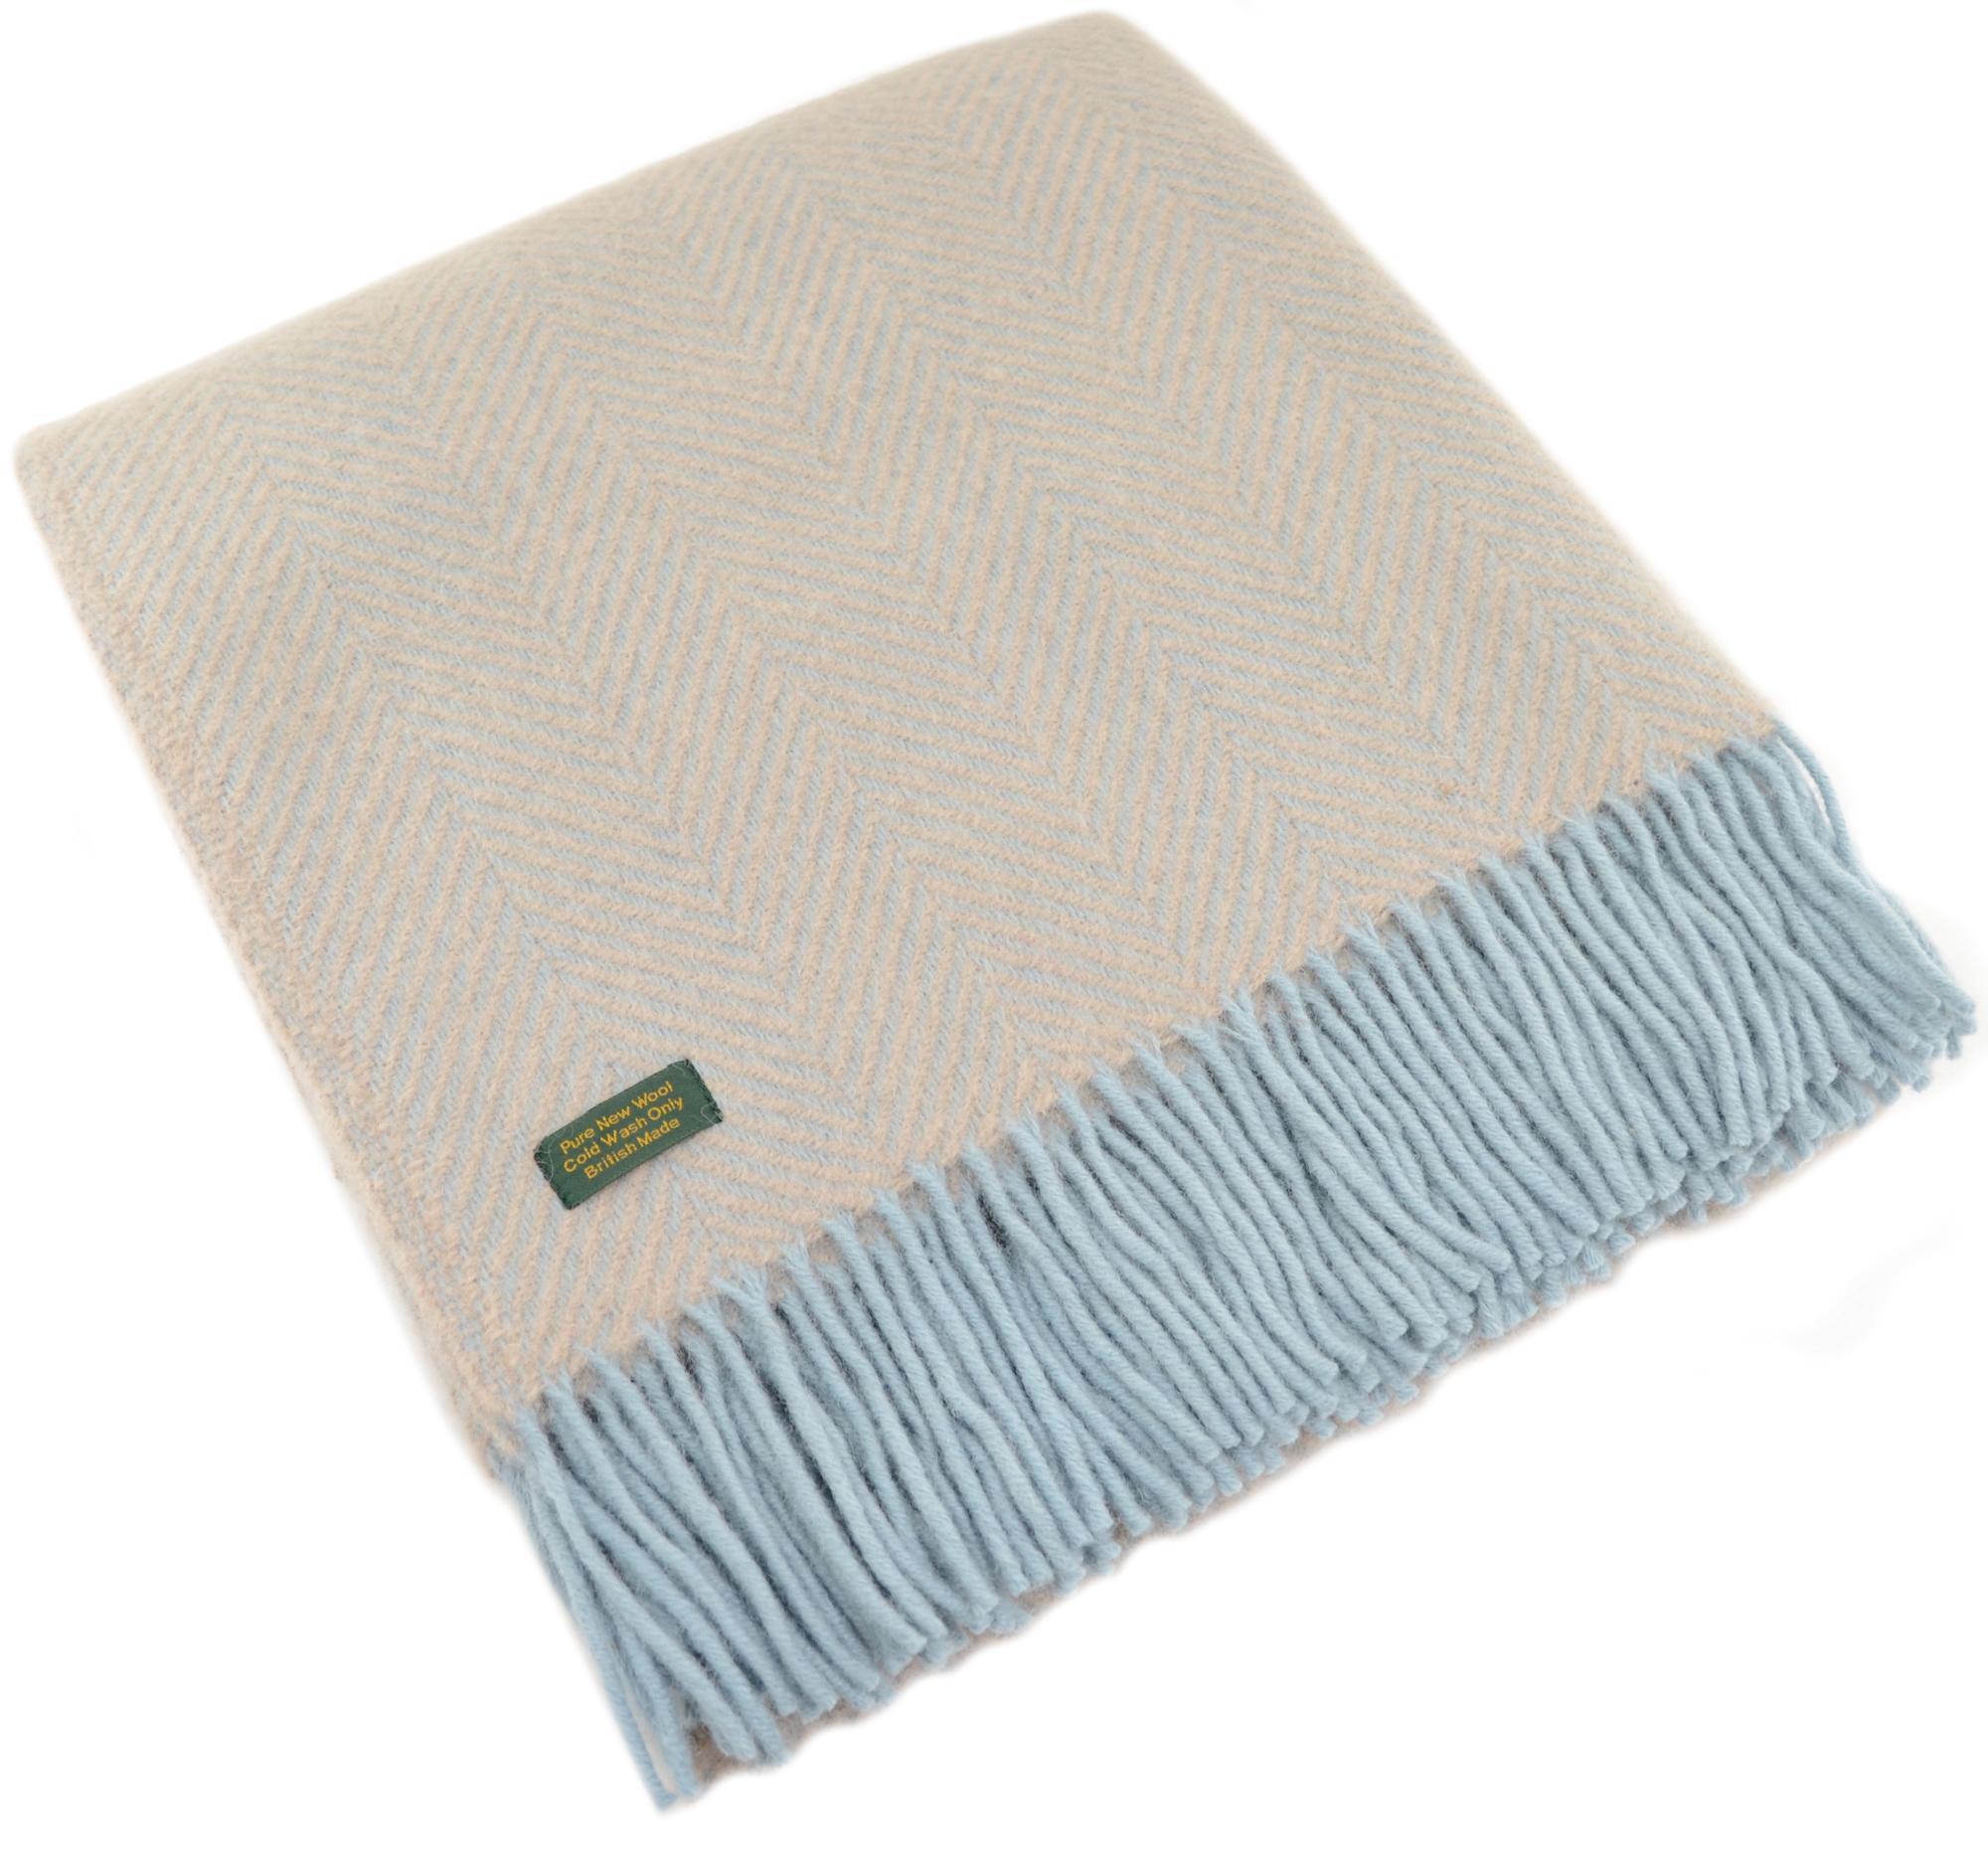 Pure New Wool Herringbone Blanket - Fawn / Duck Egg